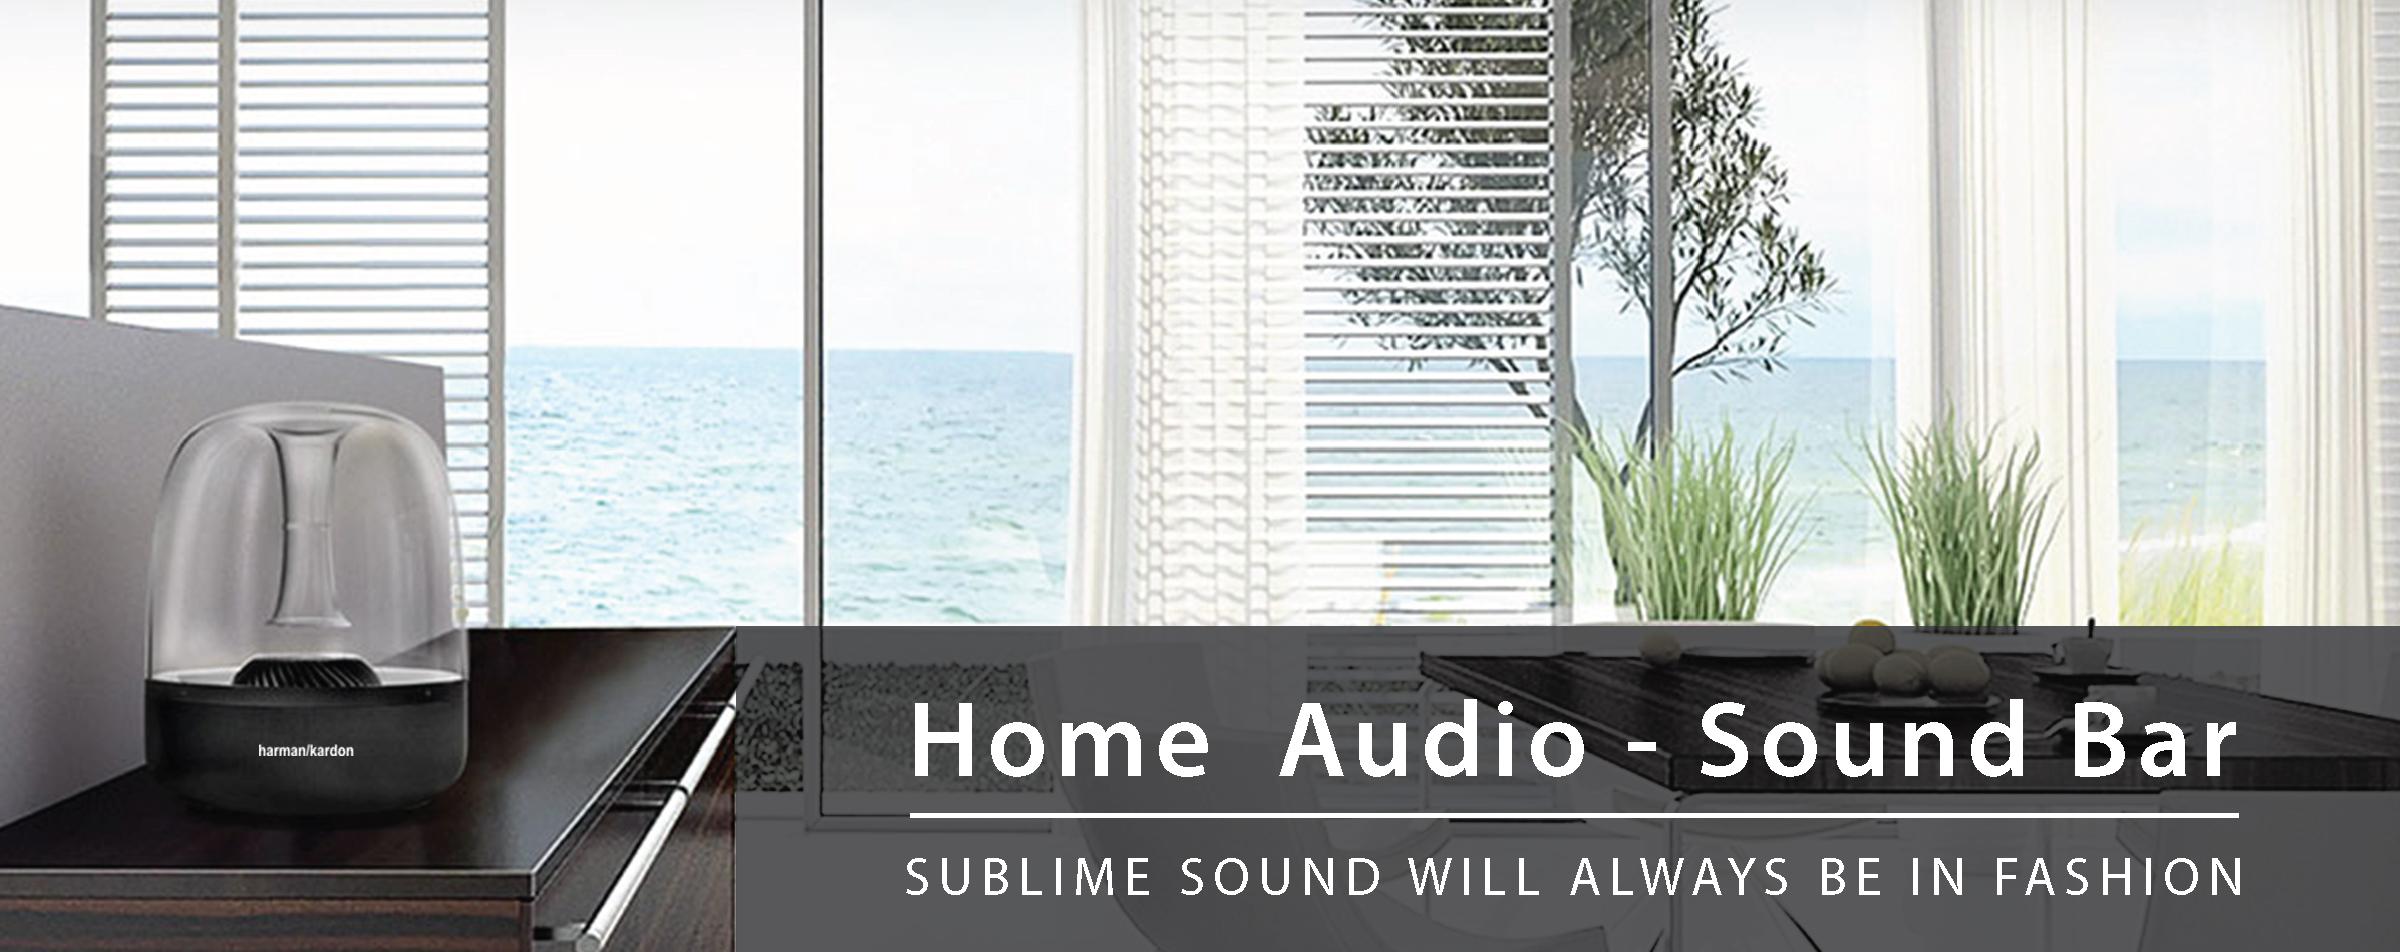 Home Audio - Sound Bar